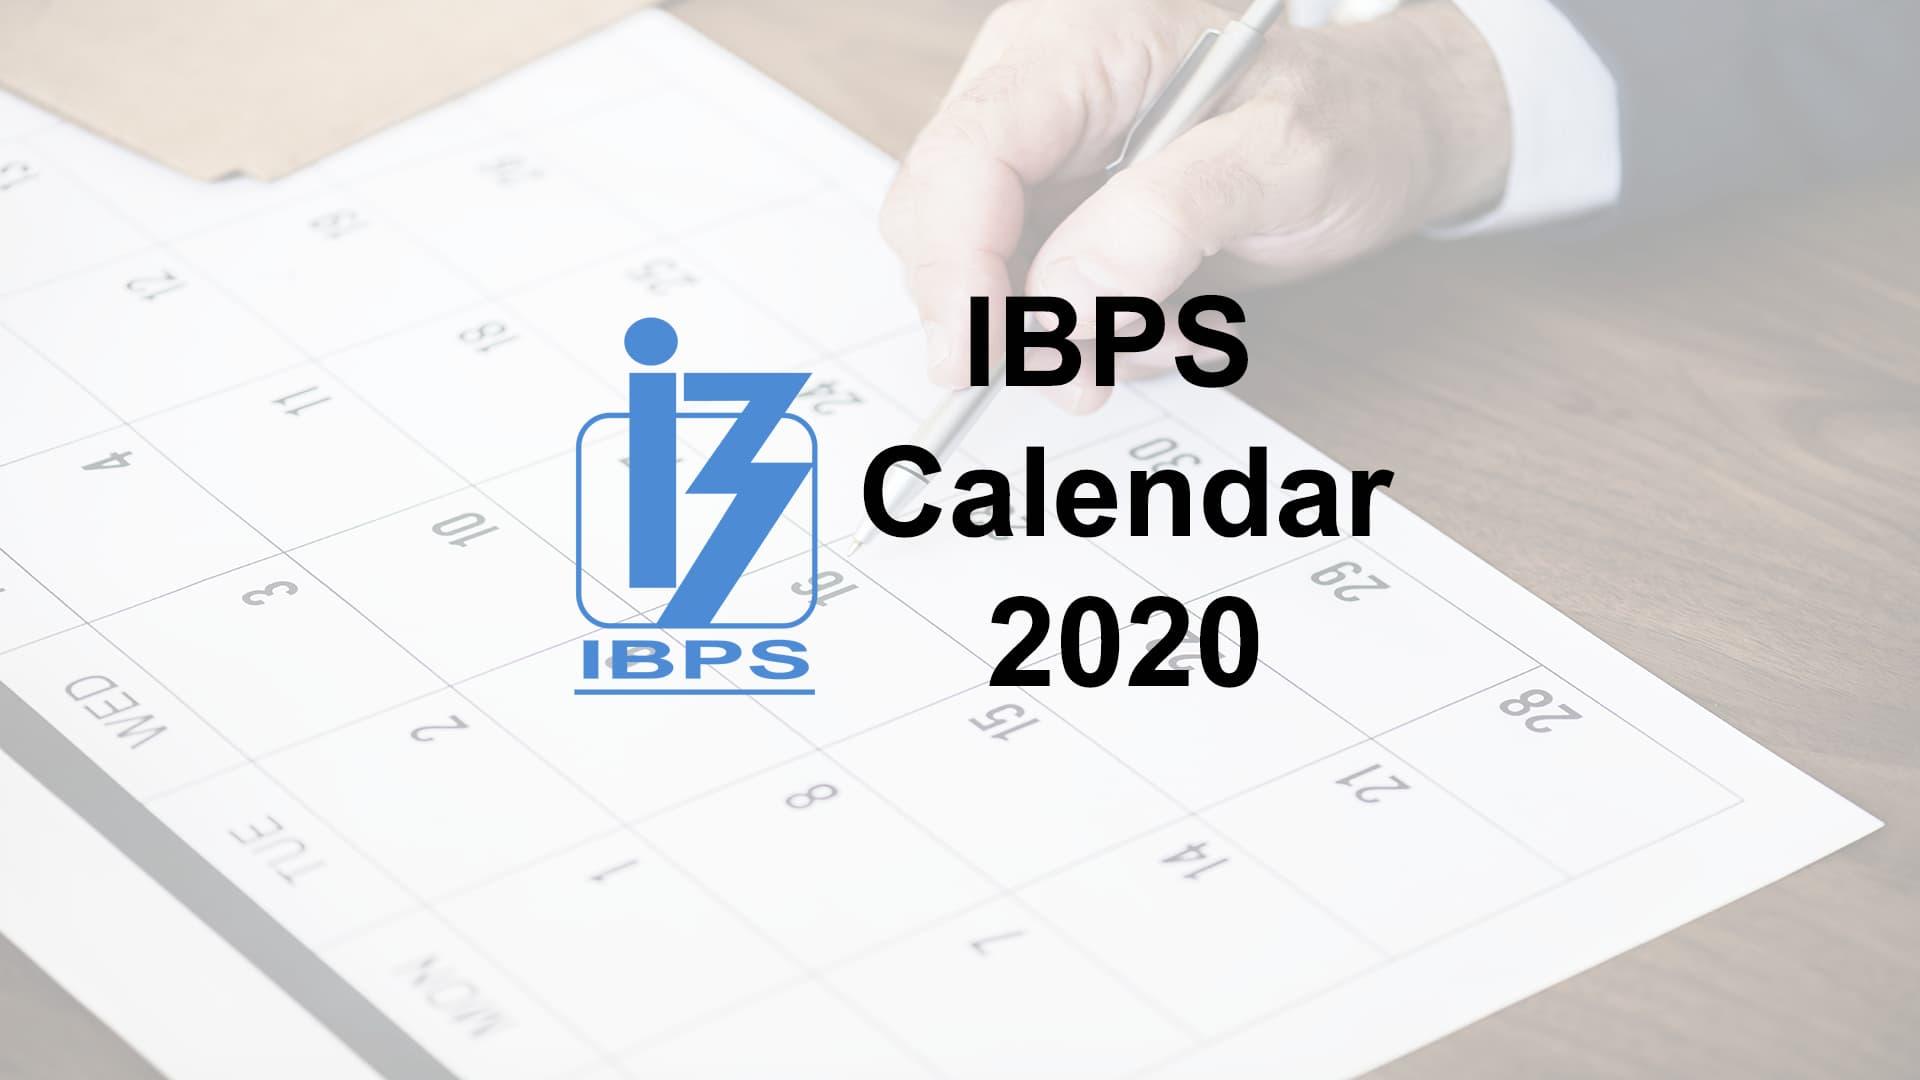 IBPS Calendar 2020